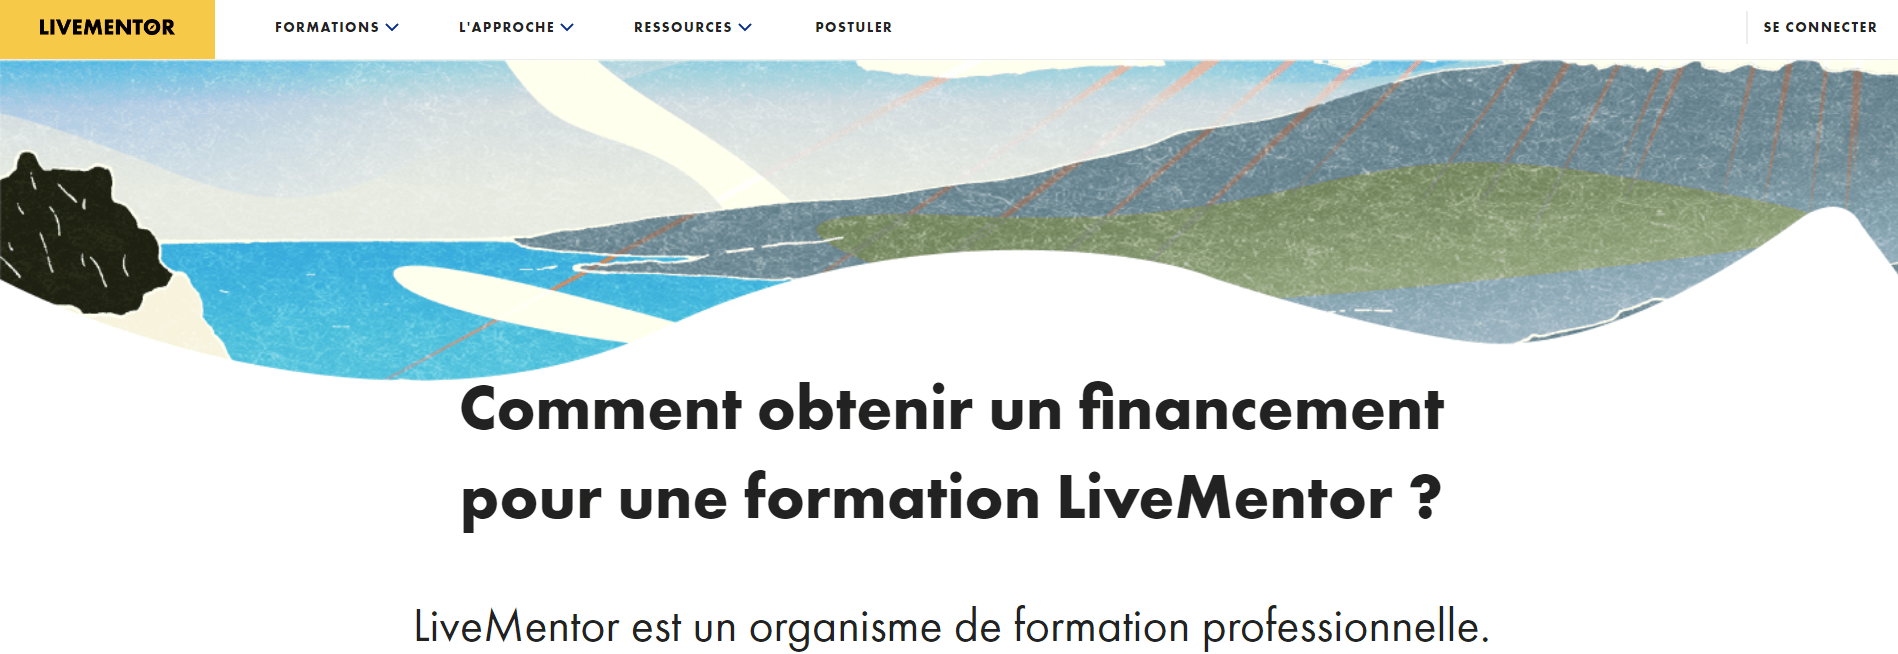 Livementor : Financement